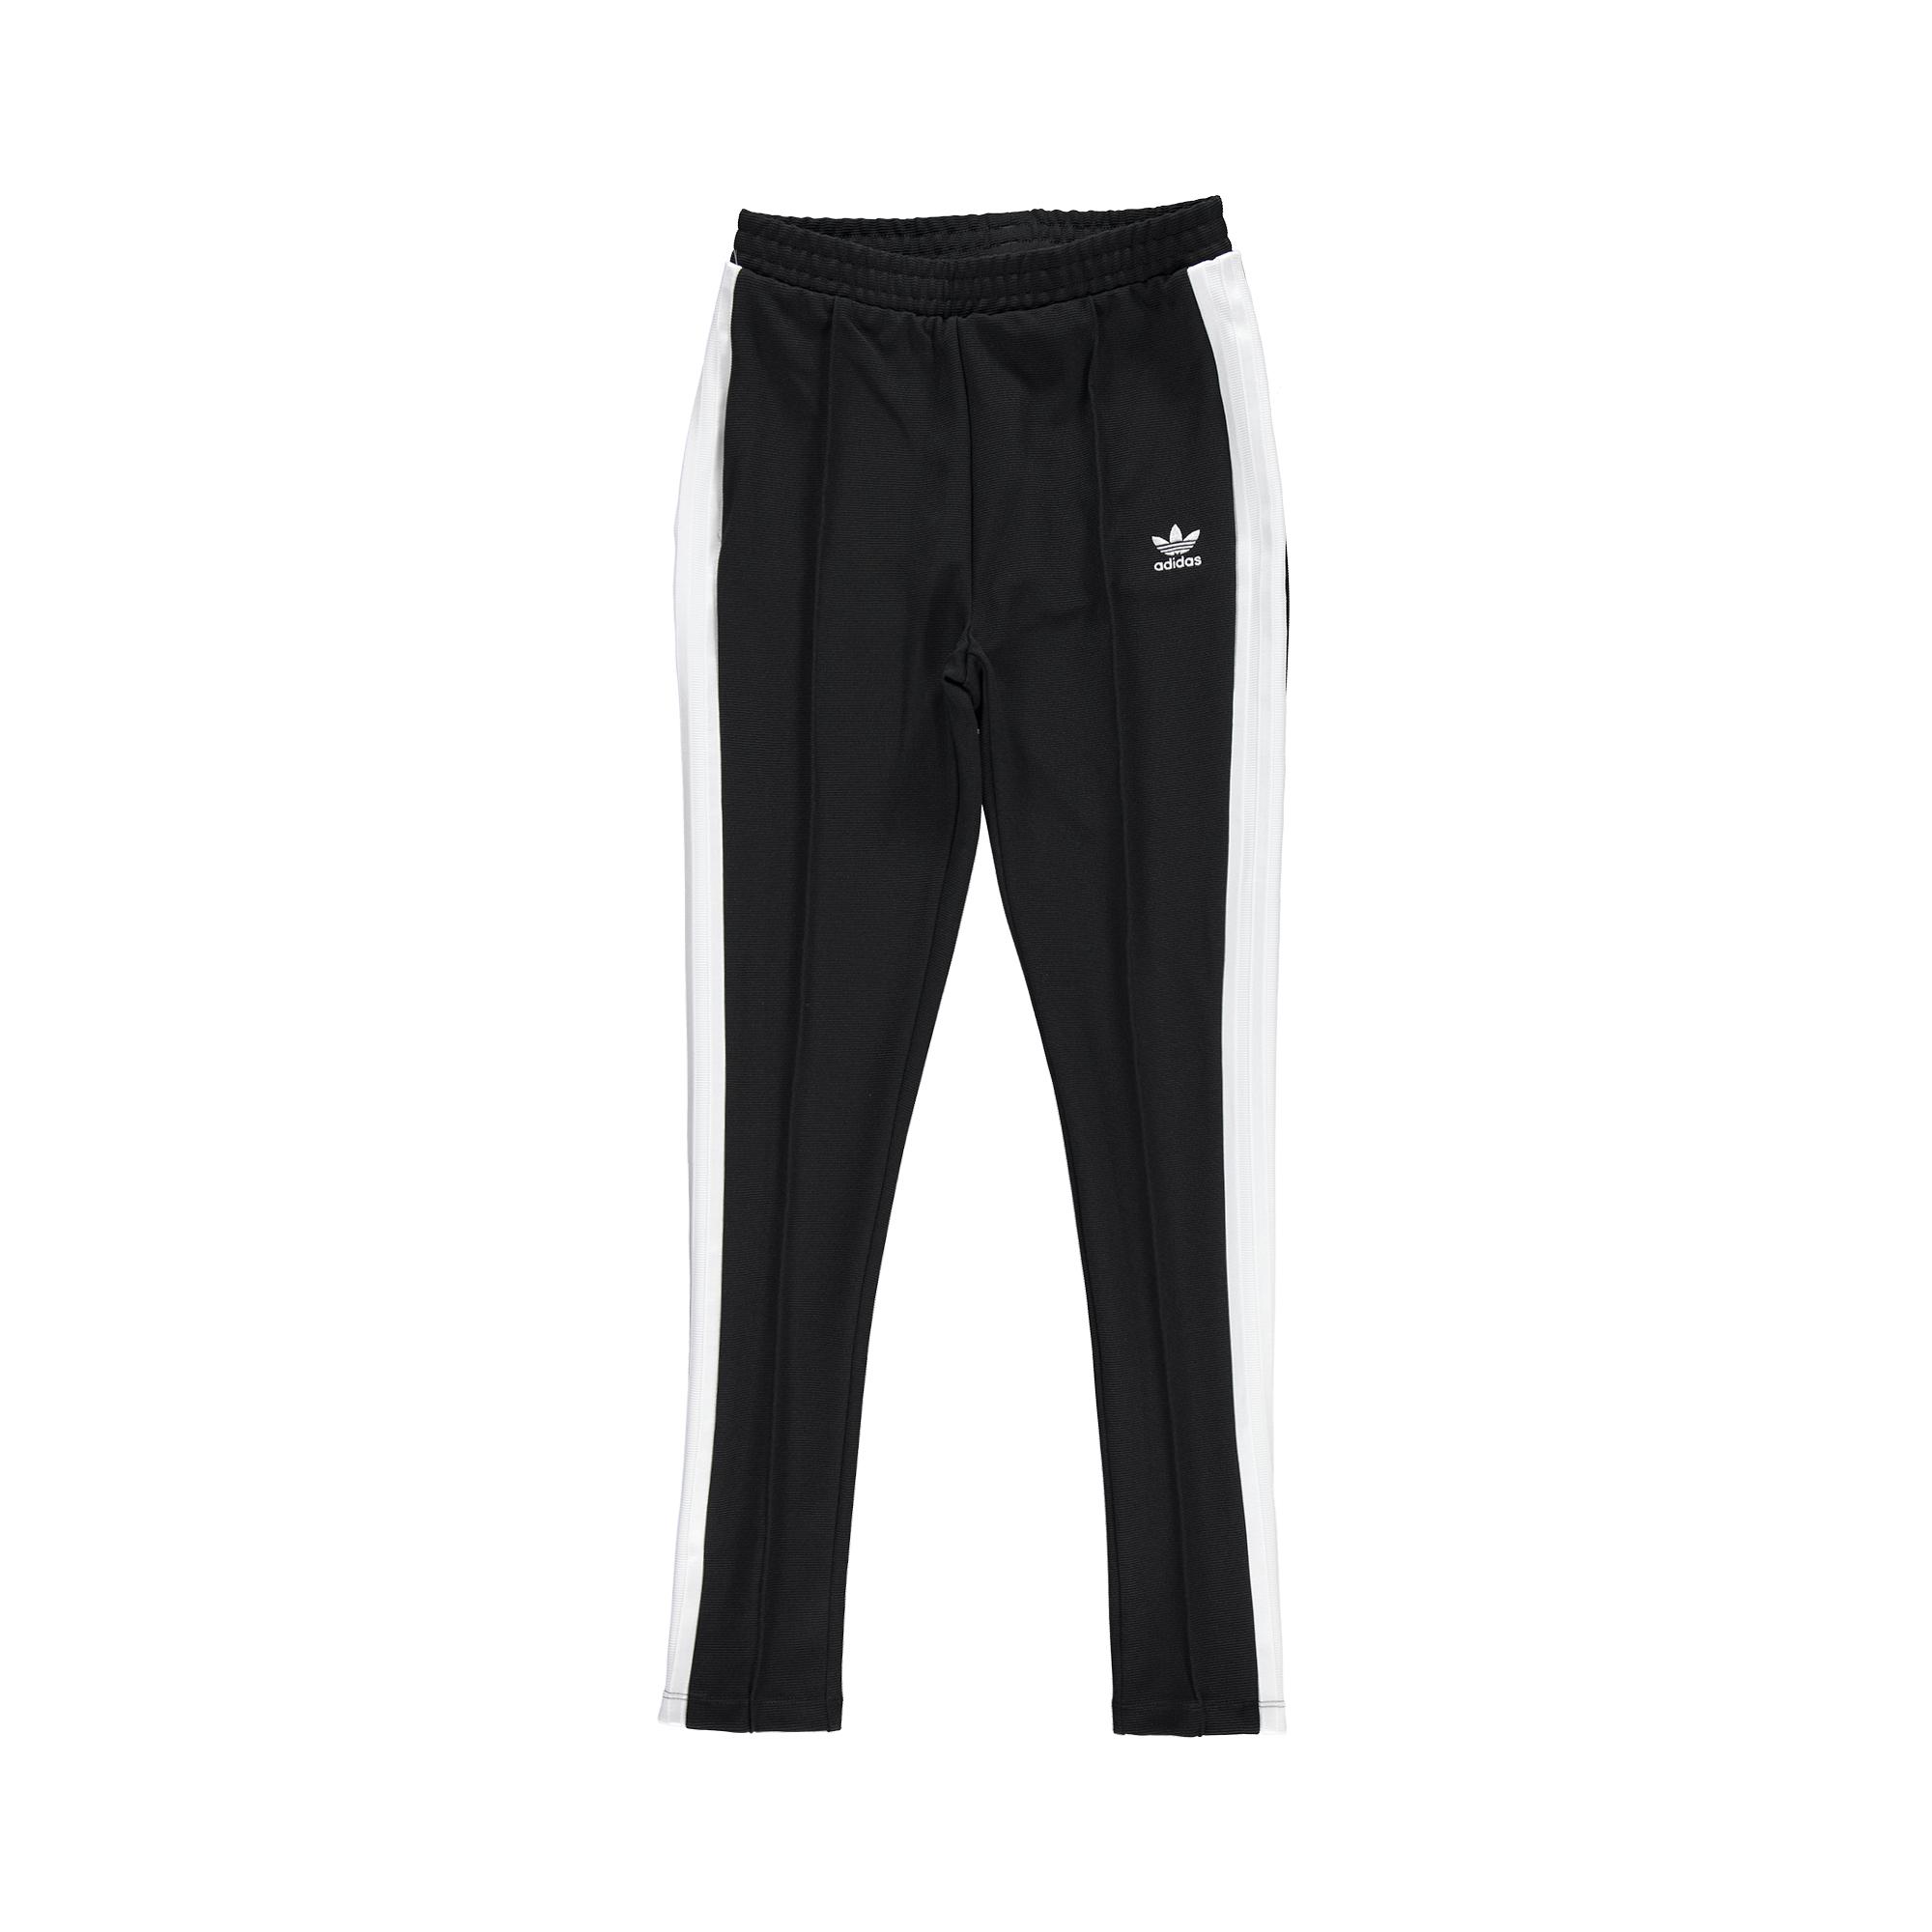 Adidas Originals Kadın Siyah Eşofman.du9721.-